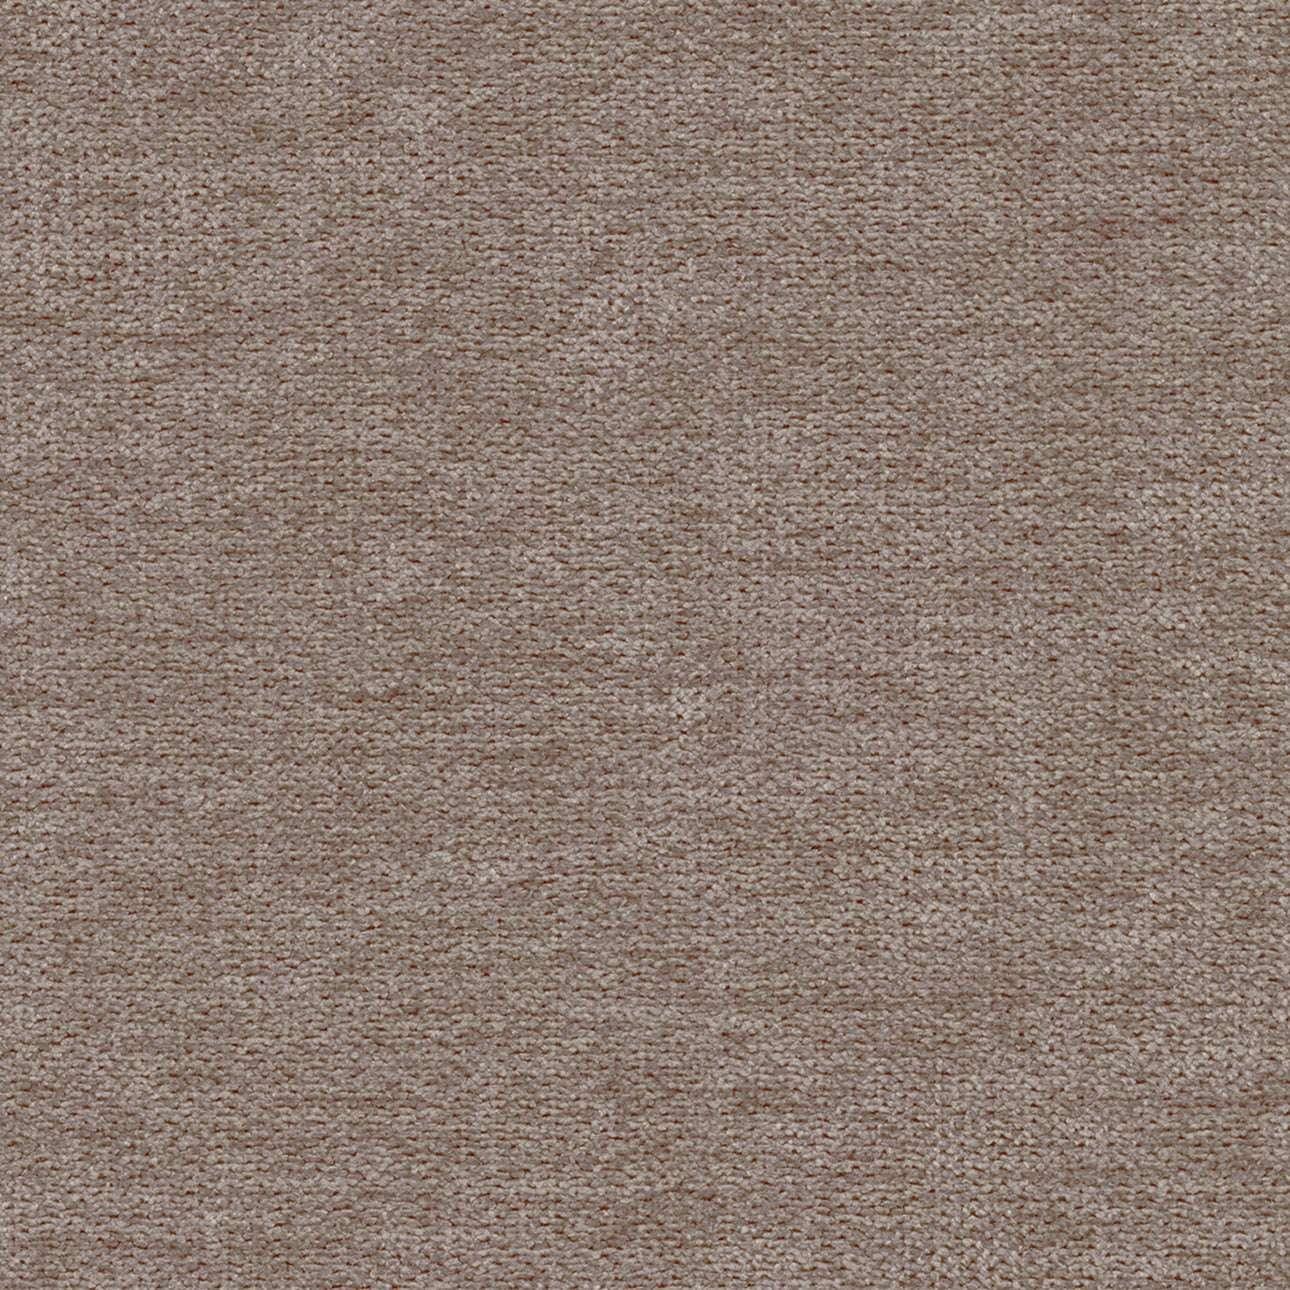 Pokrowiec na fotel Ektorp Jennylund w kolekcji Etna, tkanina: 705-03